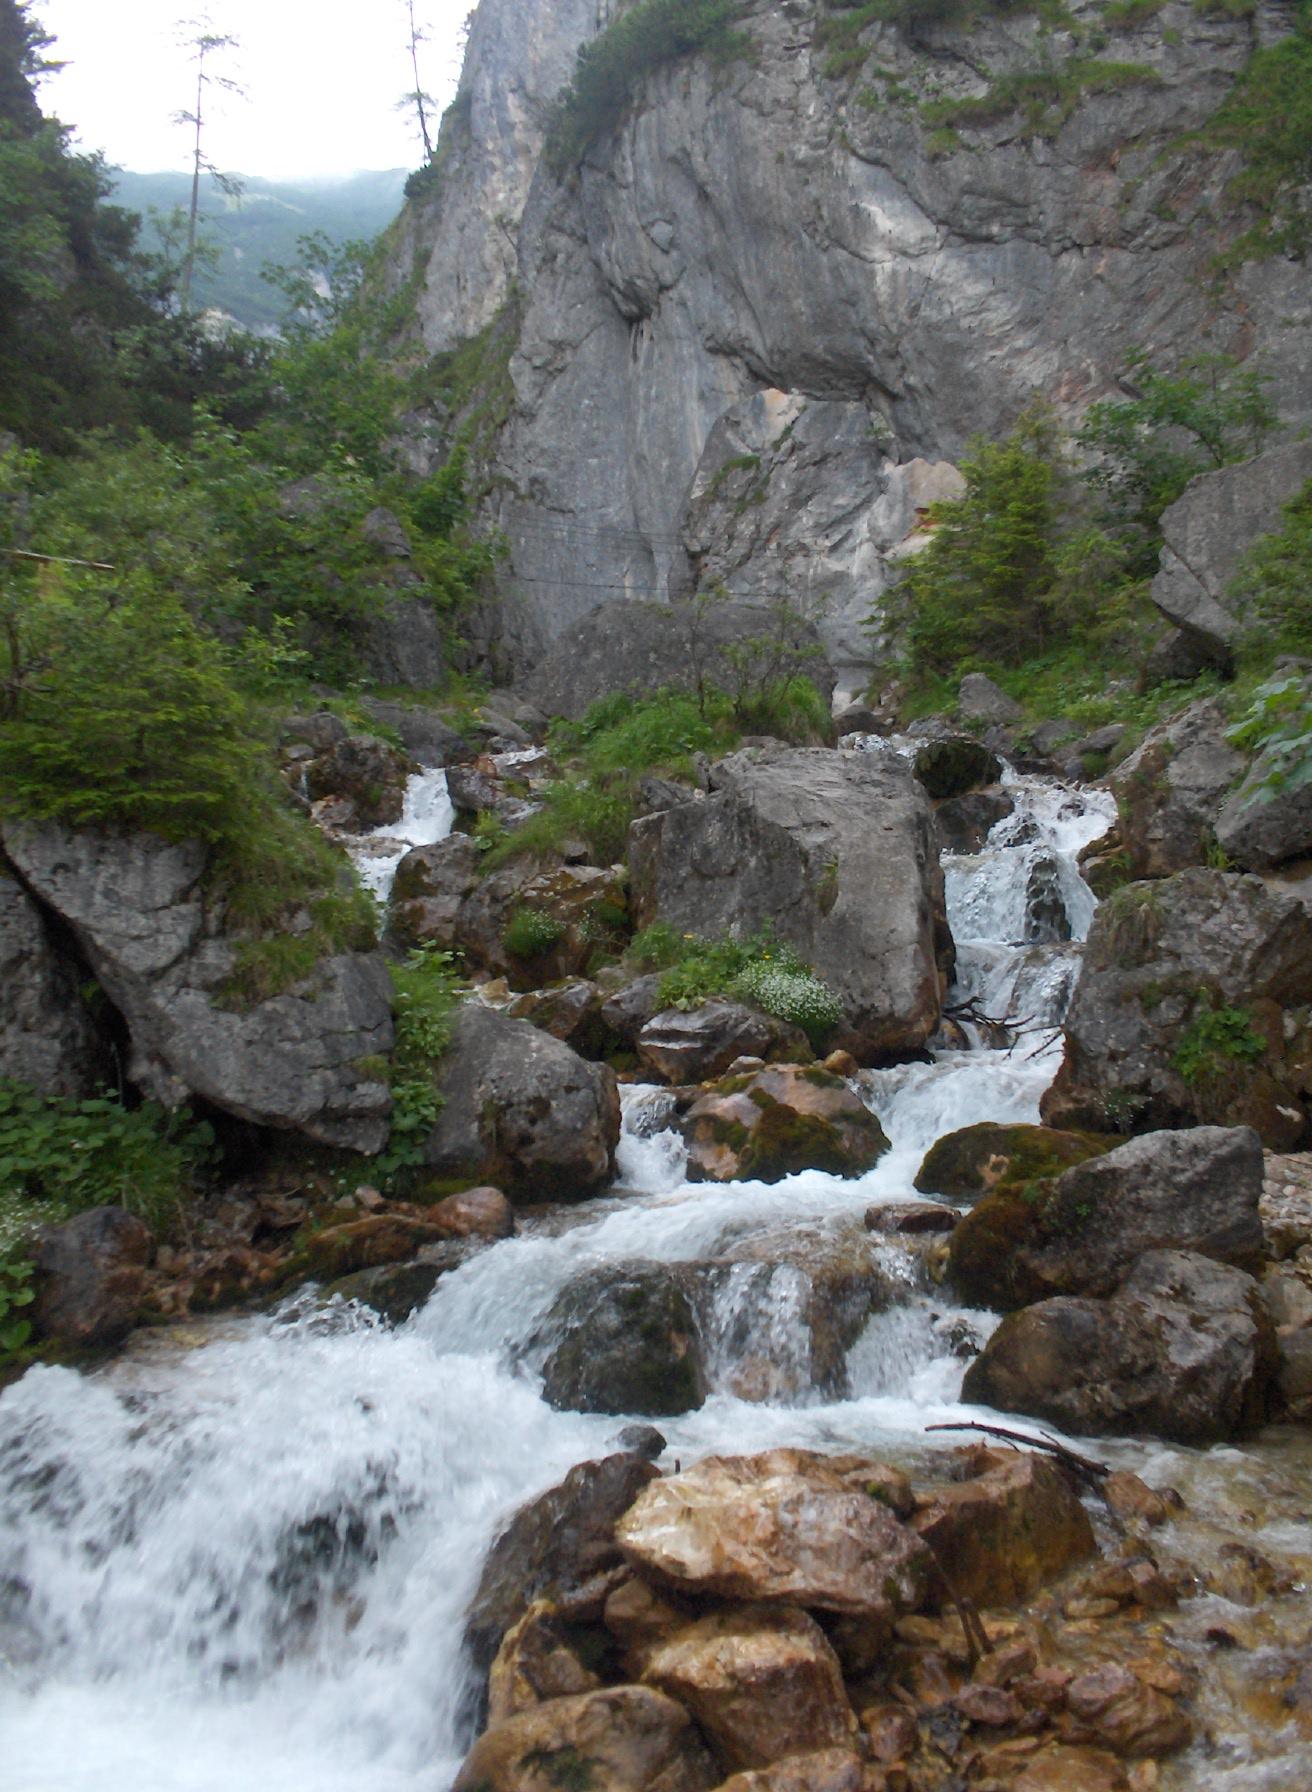 Silberkarklamm Gorge